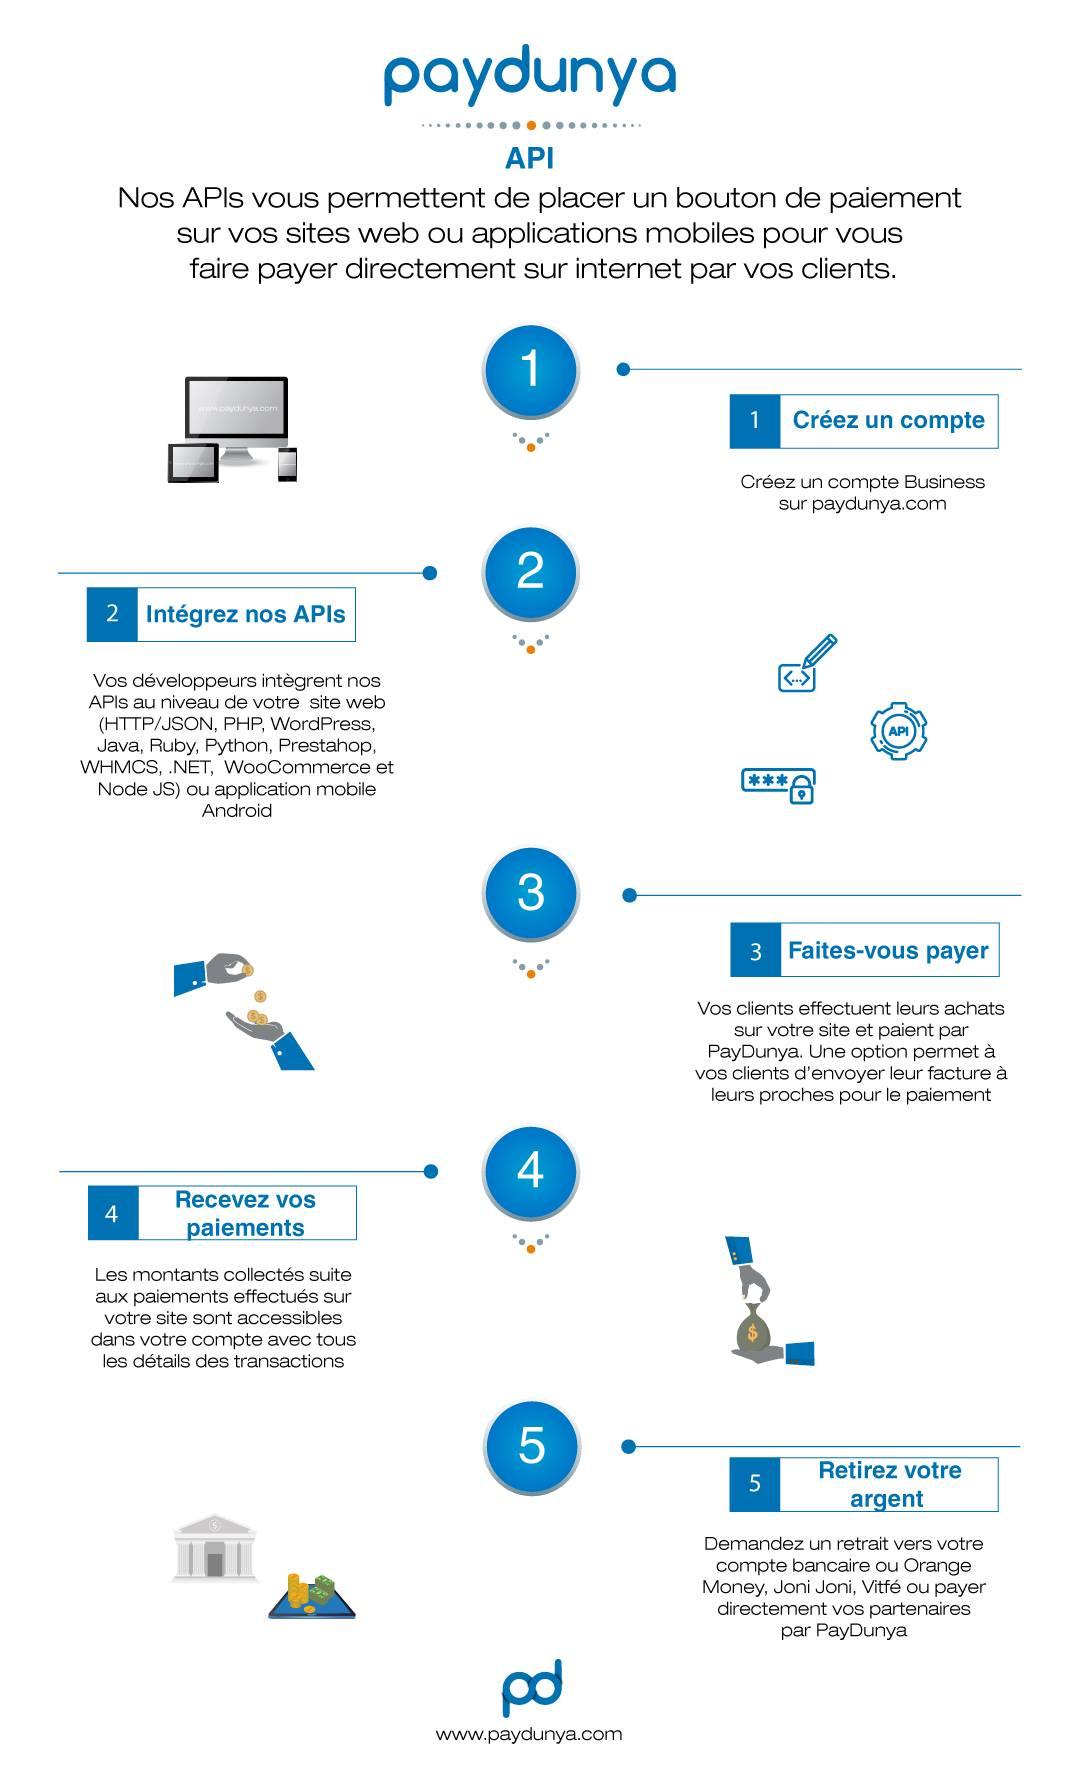 Comment accepter les paiements sur votre site web ou application mobile ?